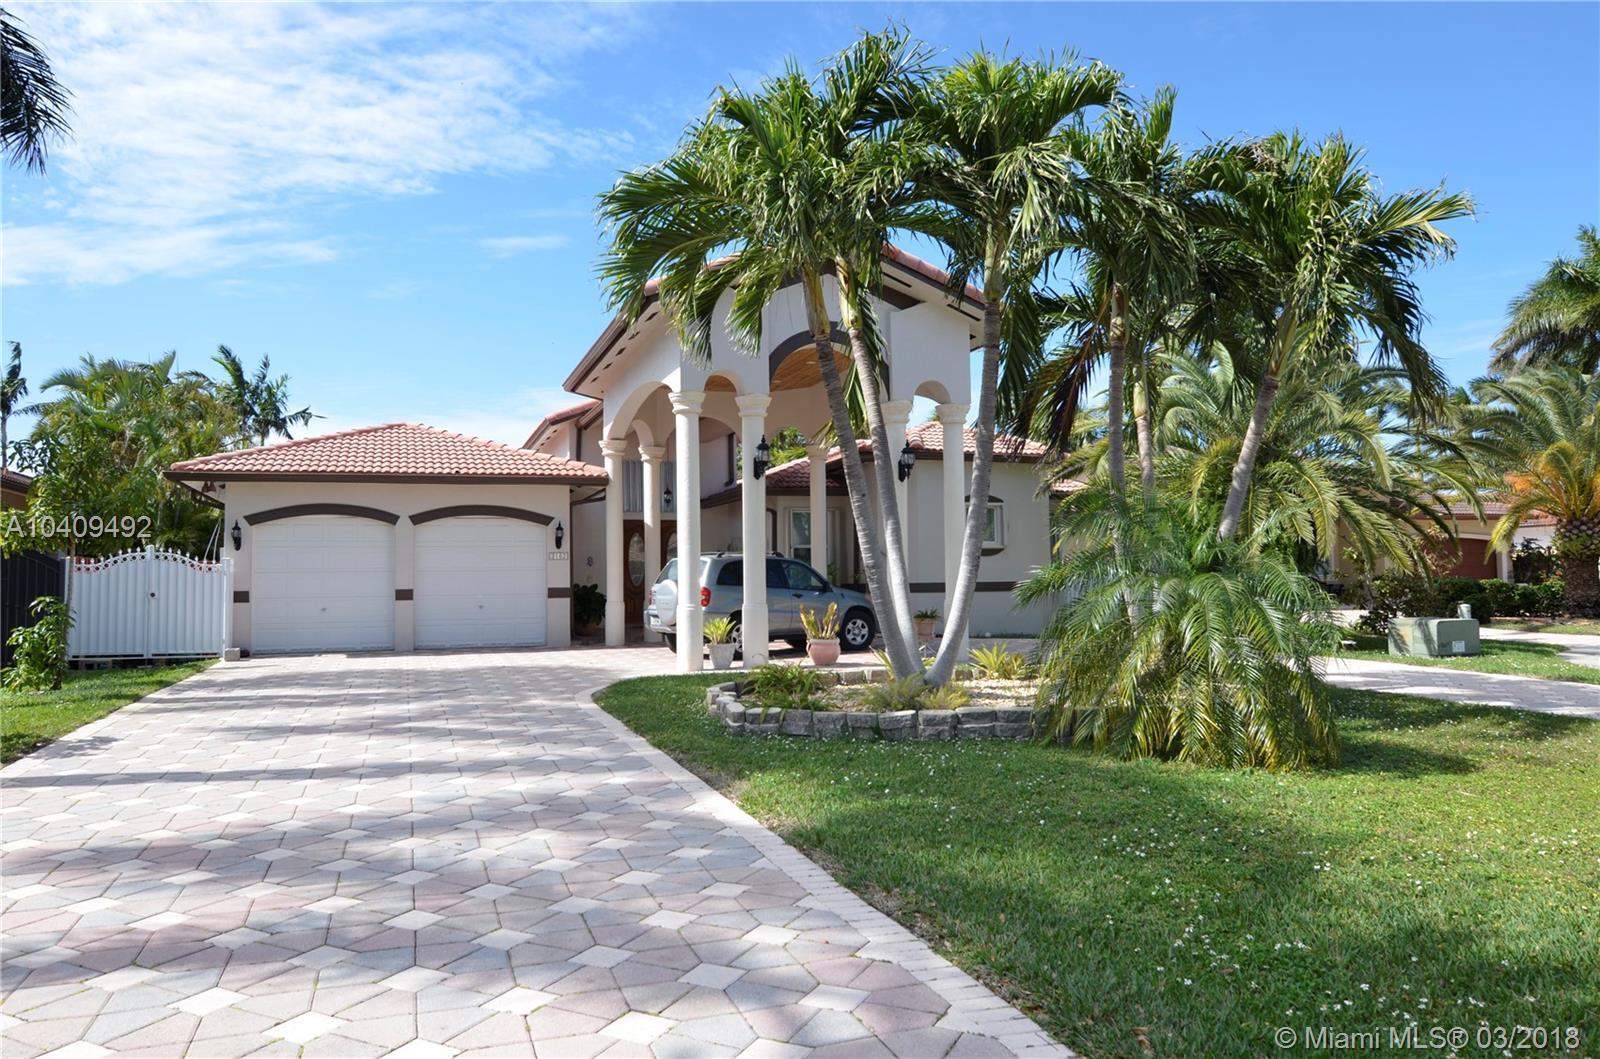 3162 Sw 134 Ct, Miami FL, 33175